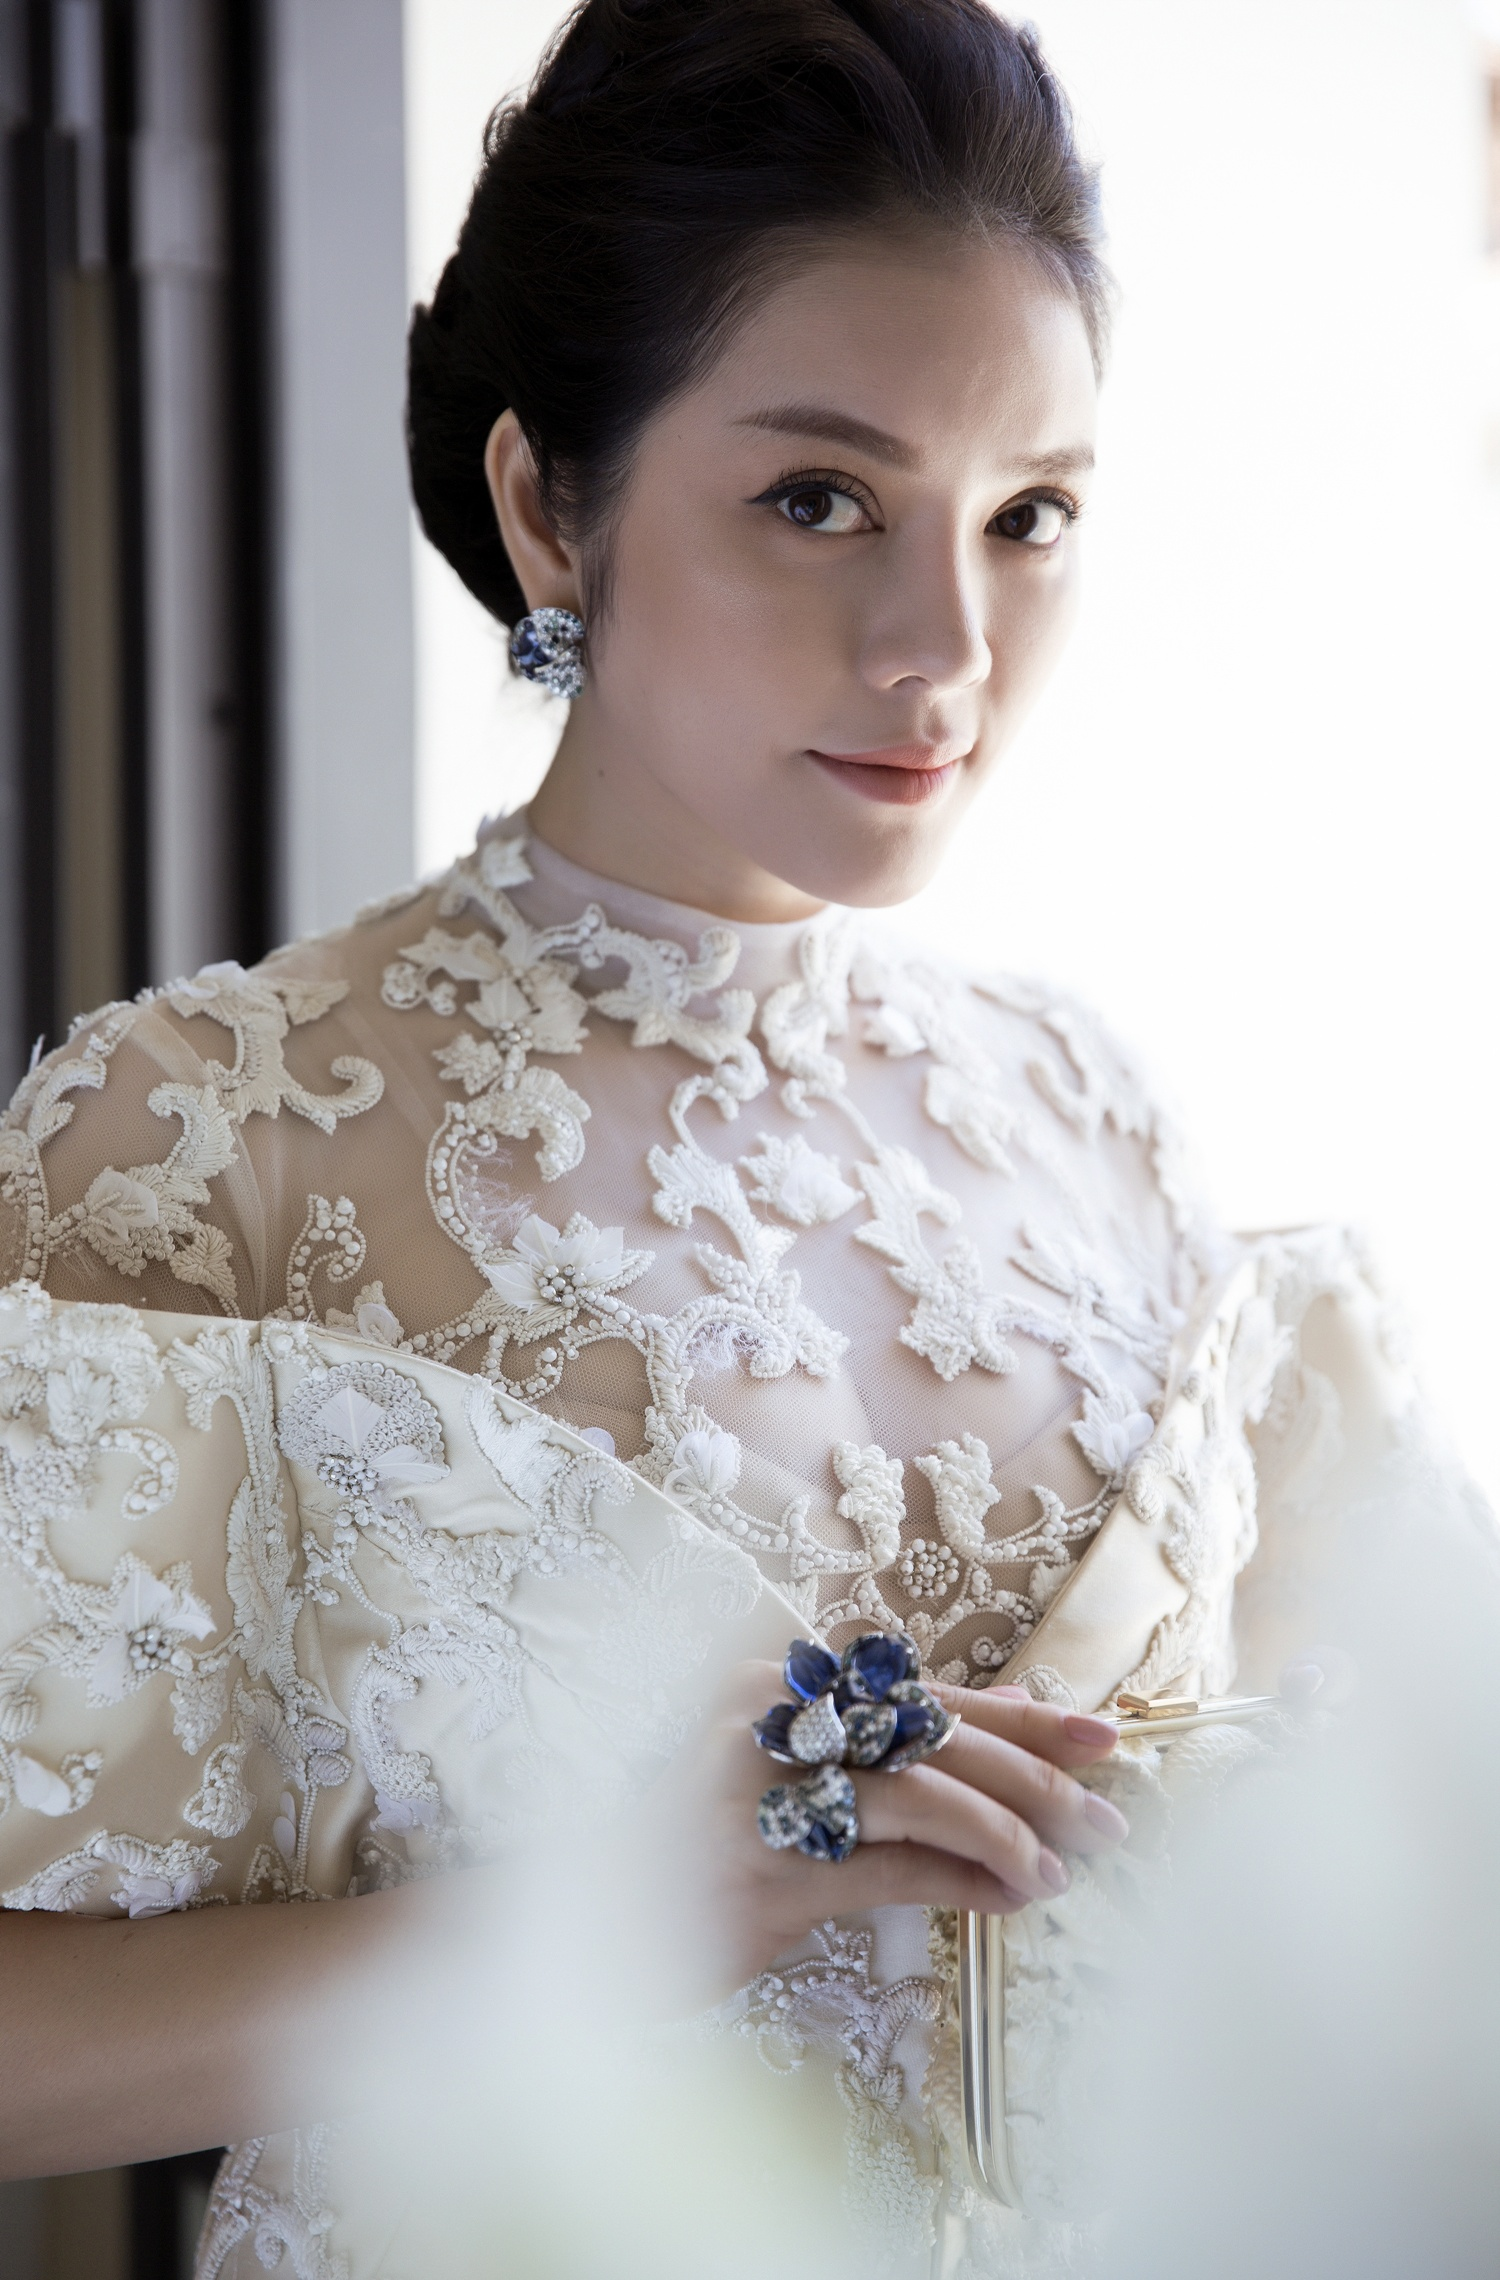 Không thua chị kém em, Lý Nhã Kỳ lộng lẫy như bà hoàng trên thảm đỏ khai màn LHP Cannes 2017 - Ảnh 26.